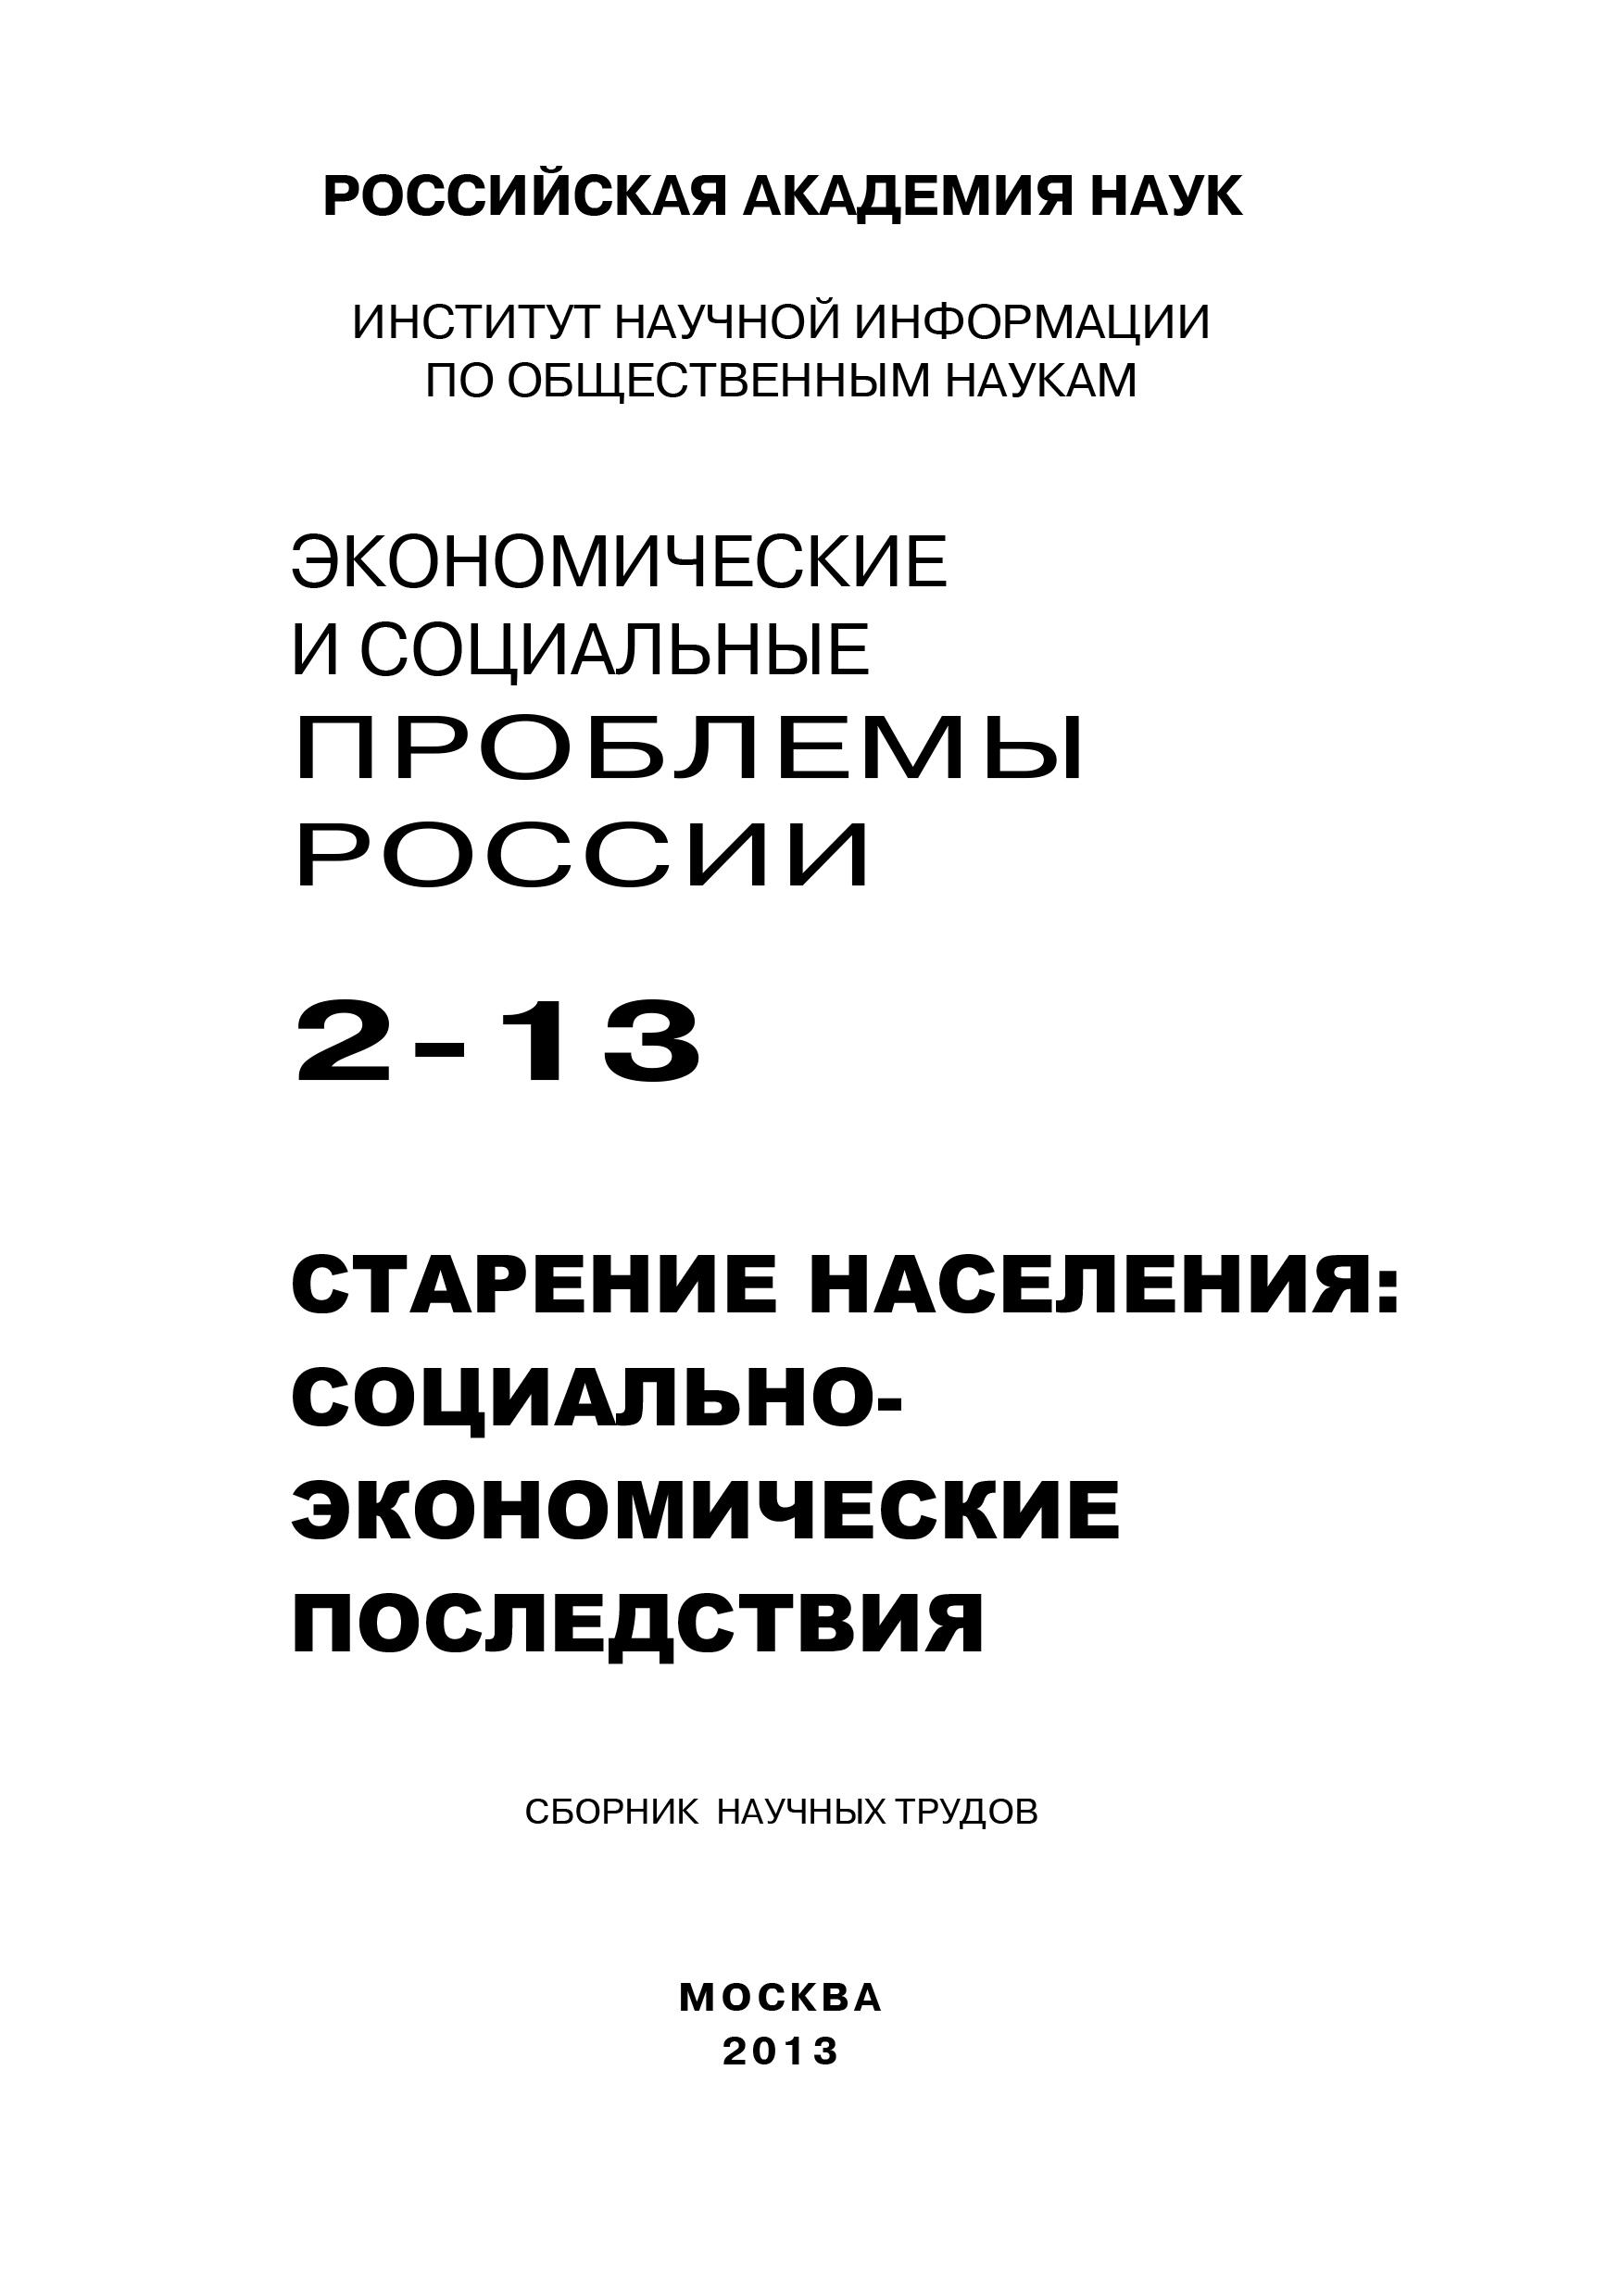 цена Коллектив авторов Экономические и социальные проблемы России №2 / 2013